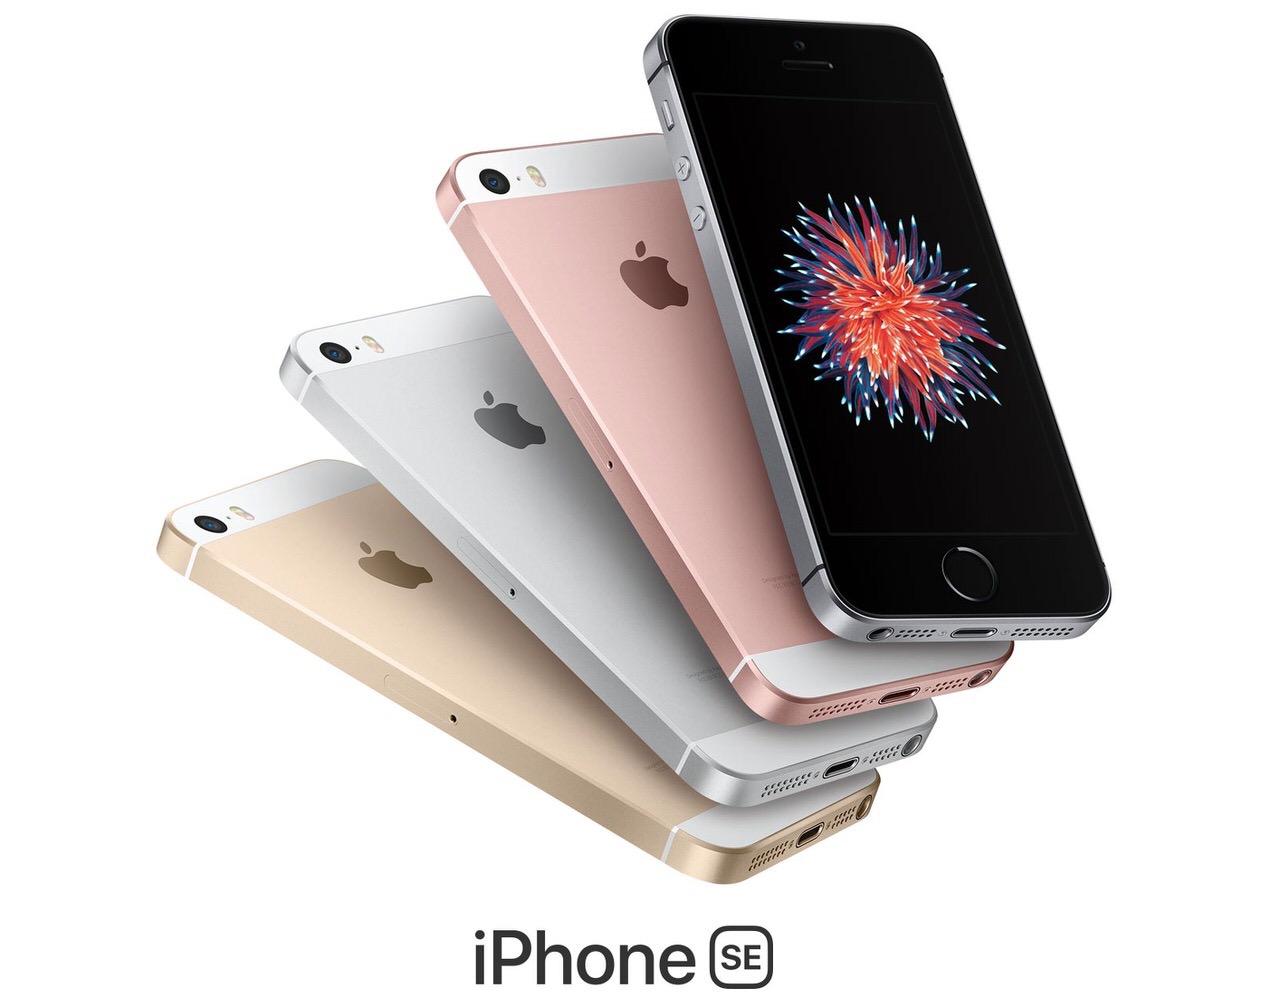 【iPhone】2018年発売は3機種、最安値「SE」は700ドル程度か?